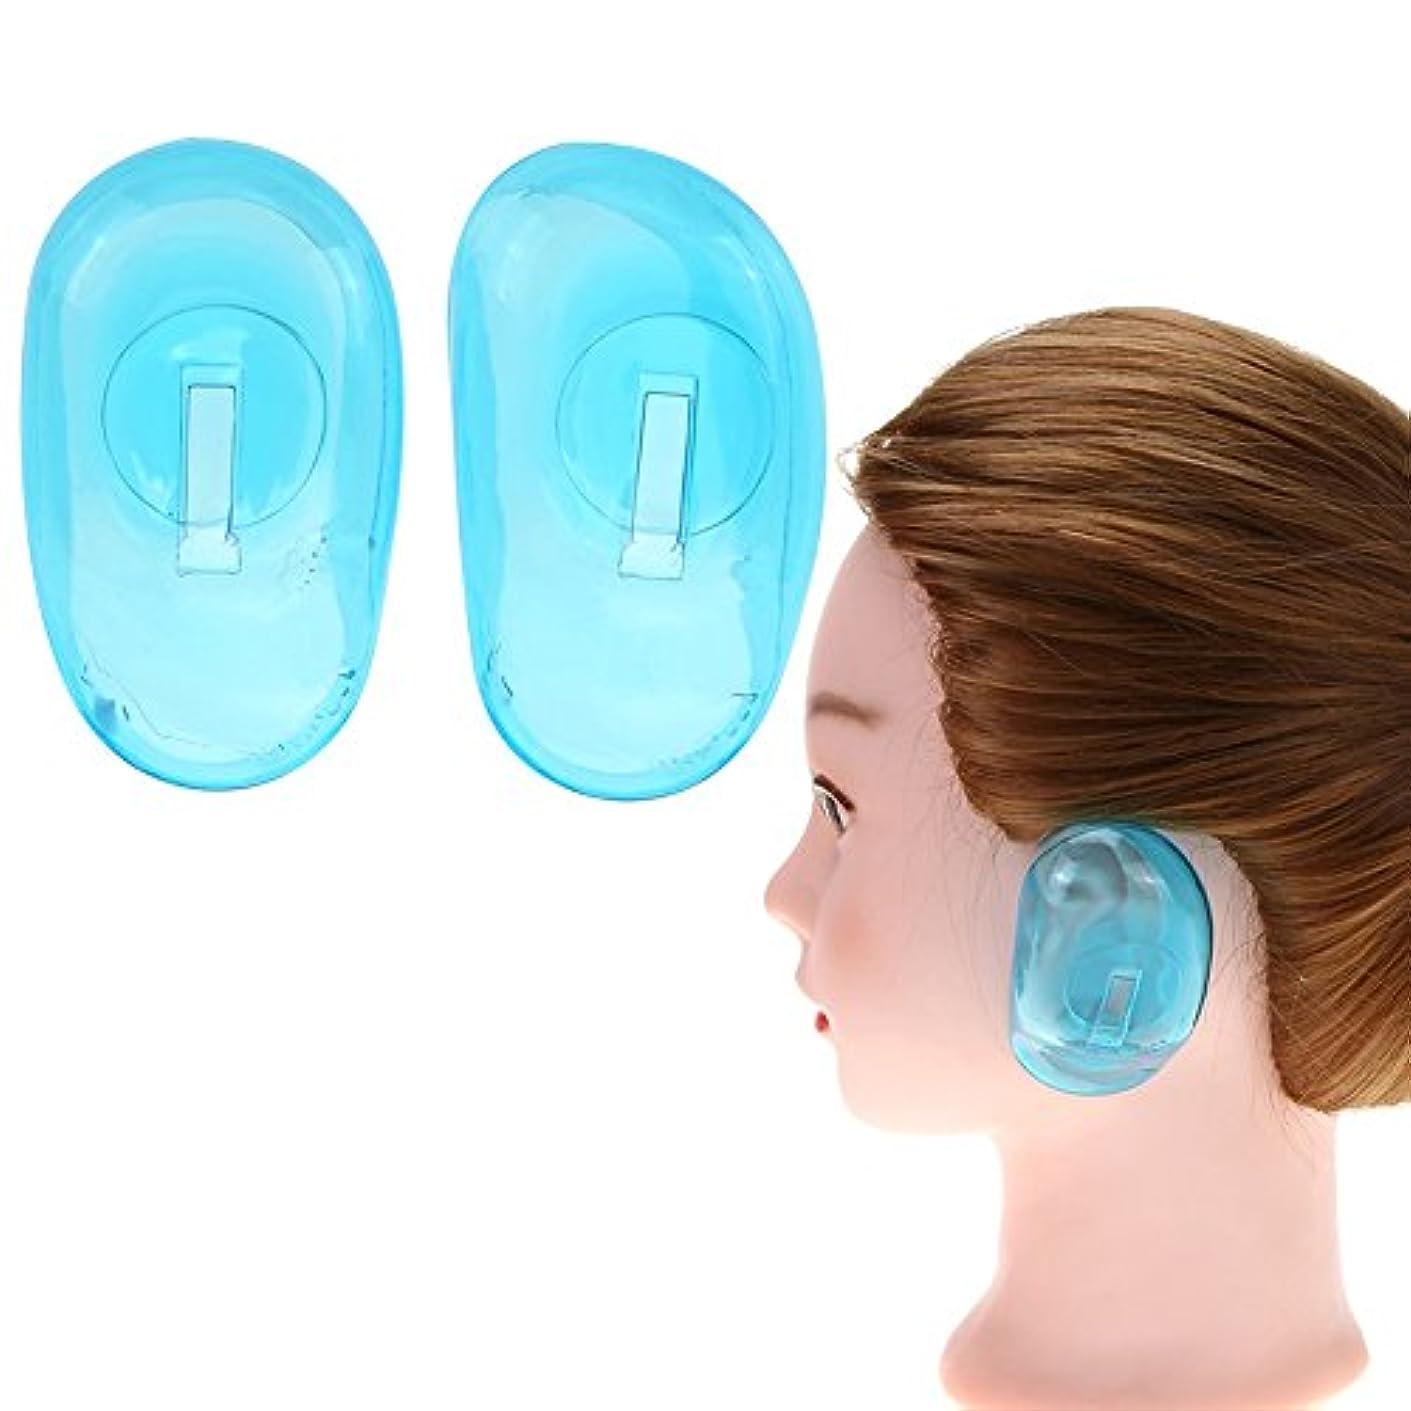 西部ポーズ理容師Ruier-tong 5ペア耳カバー 毛染め用 シリコン製 耳キャップ 柔らかいイヤーキャップ ヘアカラー シャワー 耳保護 ヘアケアツール サロン 洗える 繰り返す使用可能 エコ 8.5x5cm